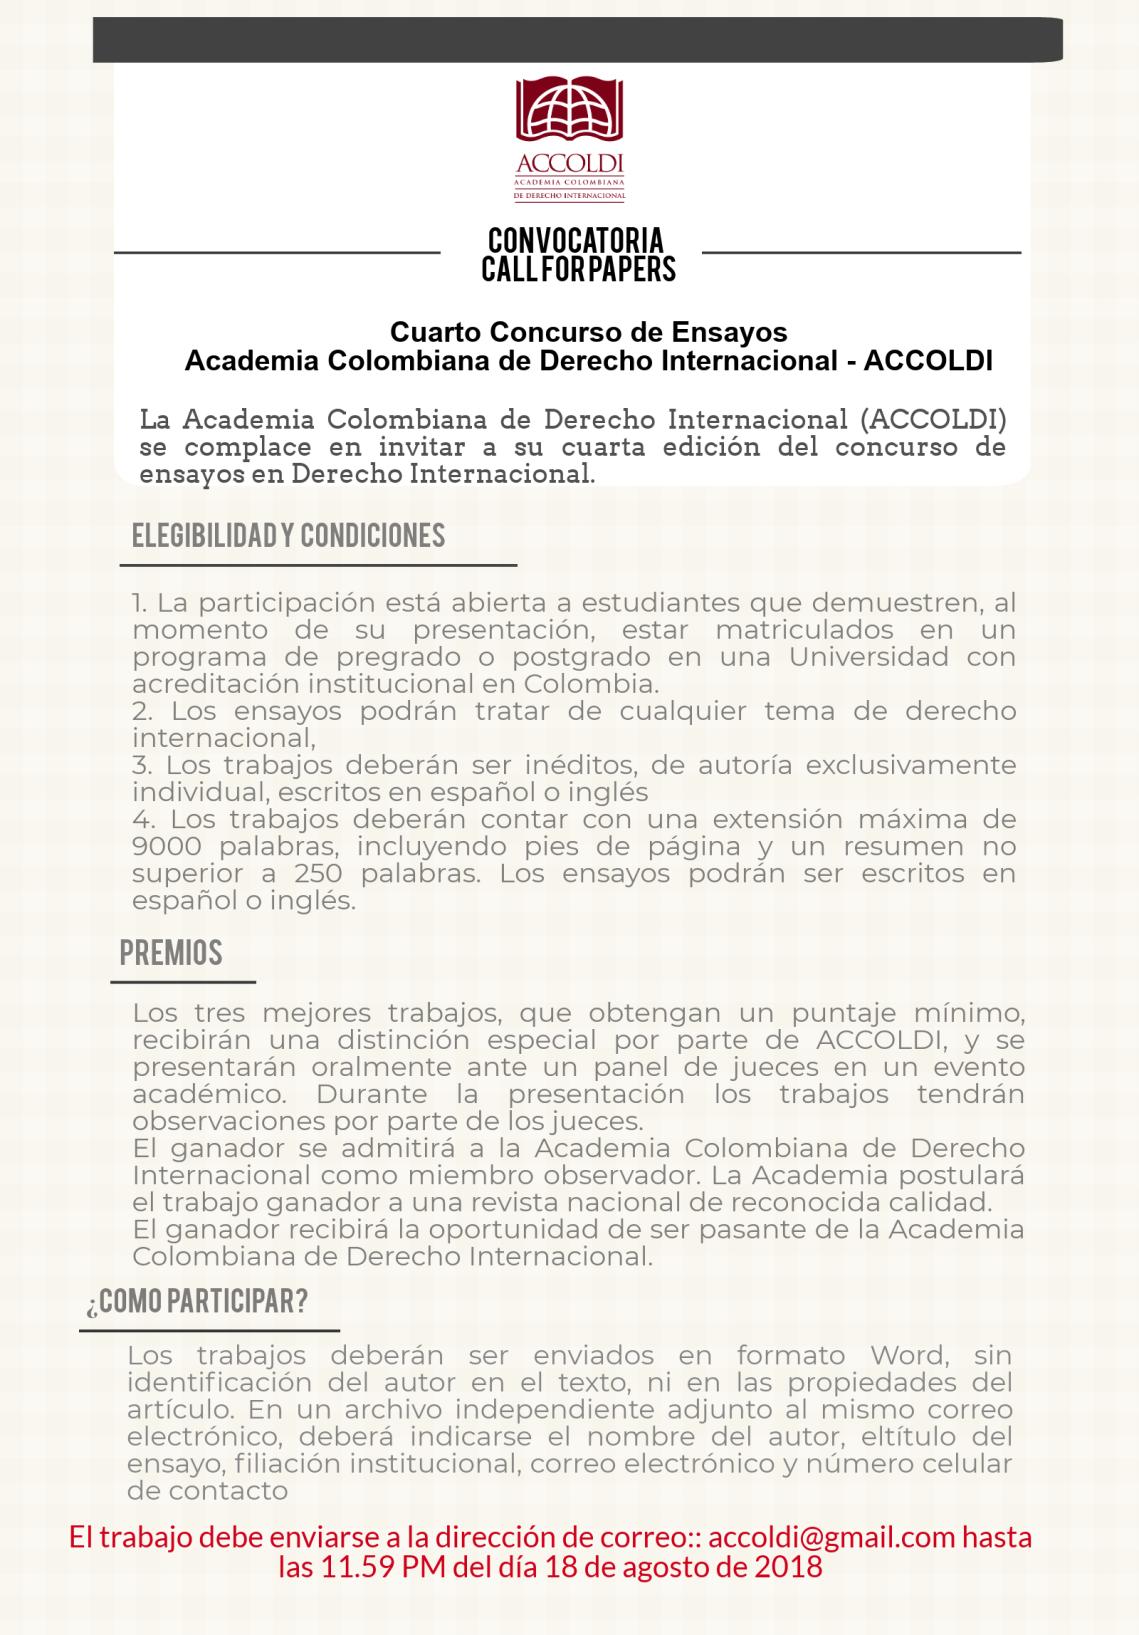 acedi-cilsa-4-concurso-ensayos-accoldi